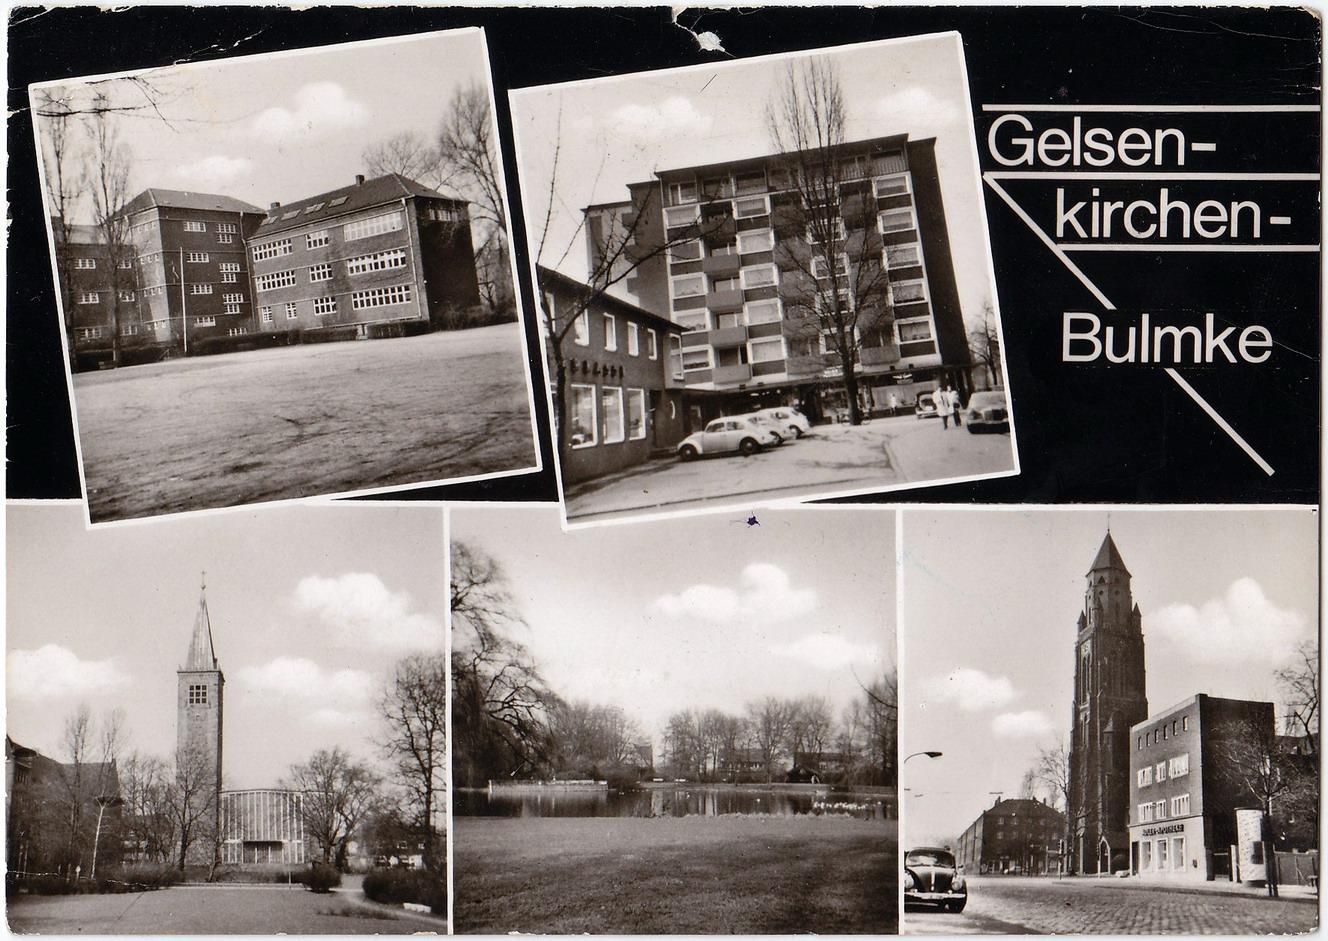 """Schwarz-weiß-Mehrbildpostkarte mit Aufschrift """"Gelsenkirchen-Bulmke"""""""